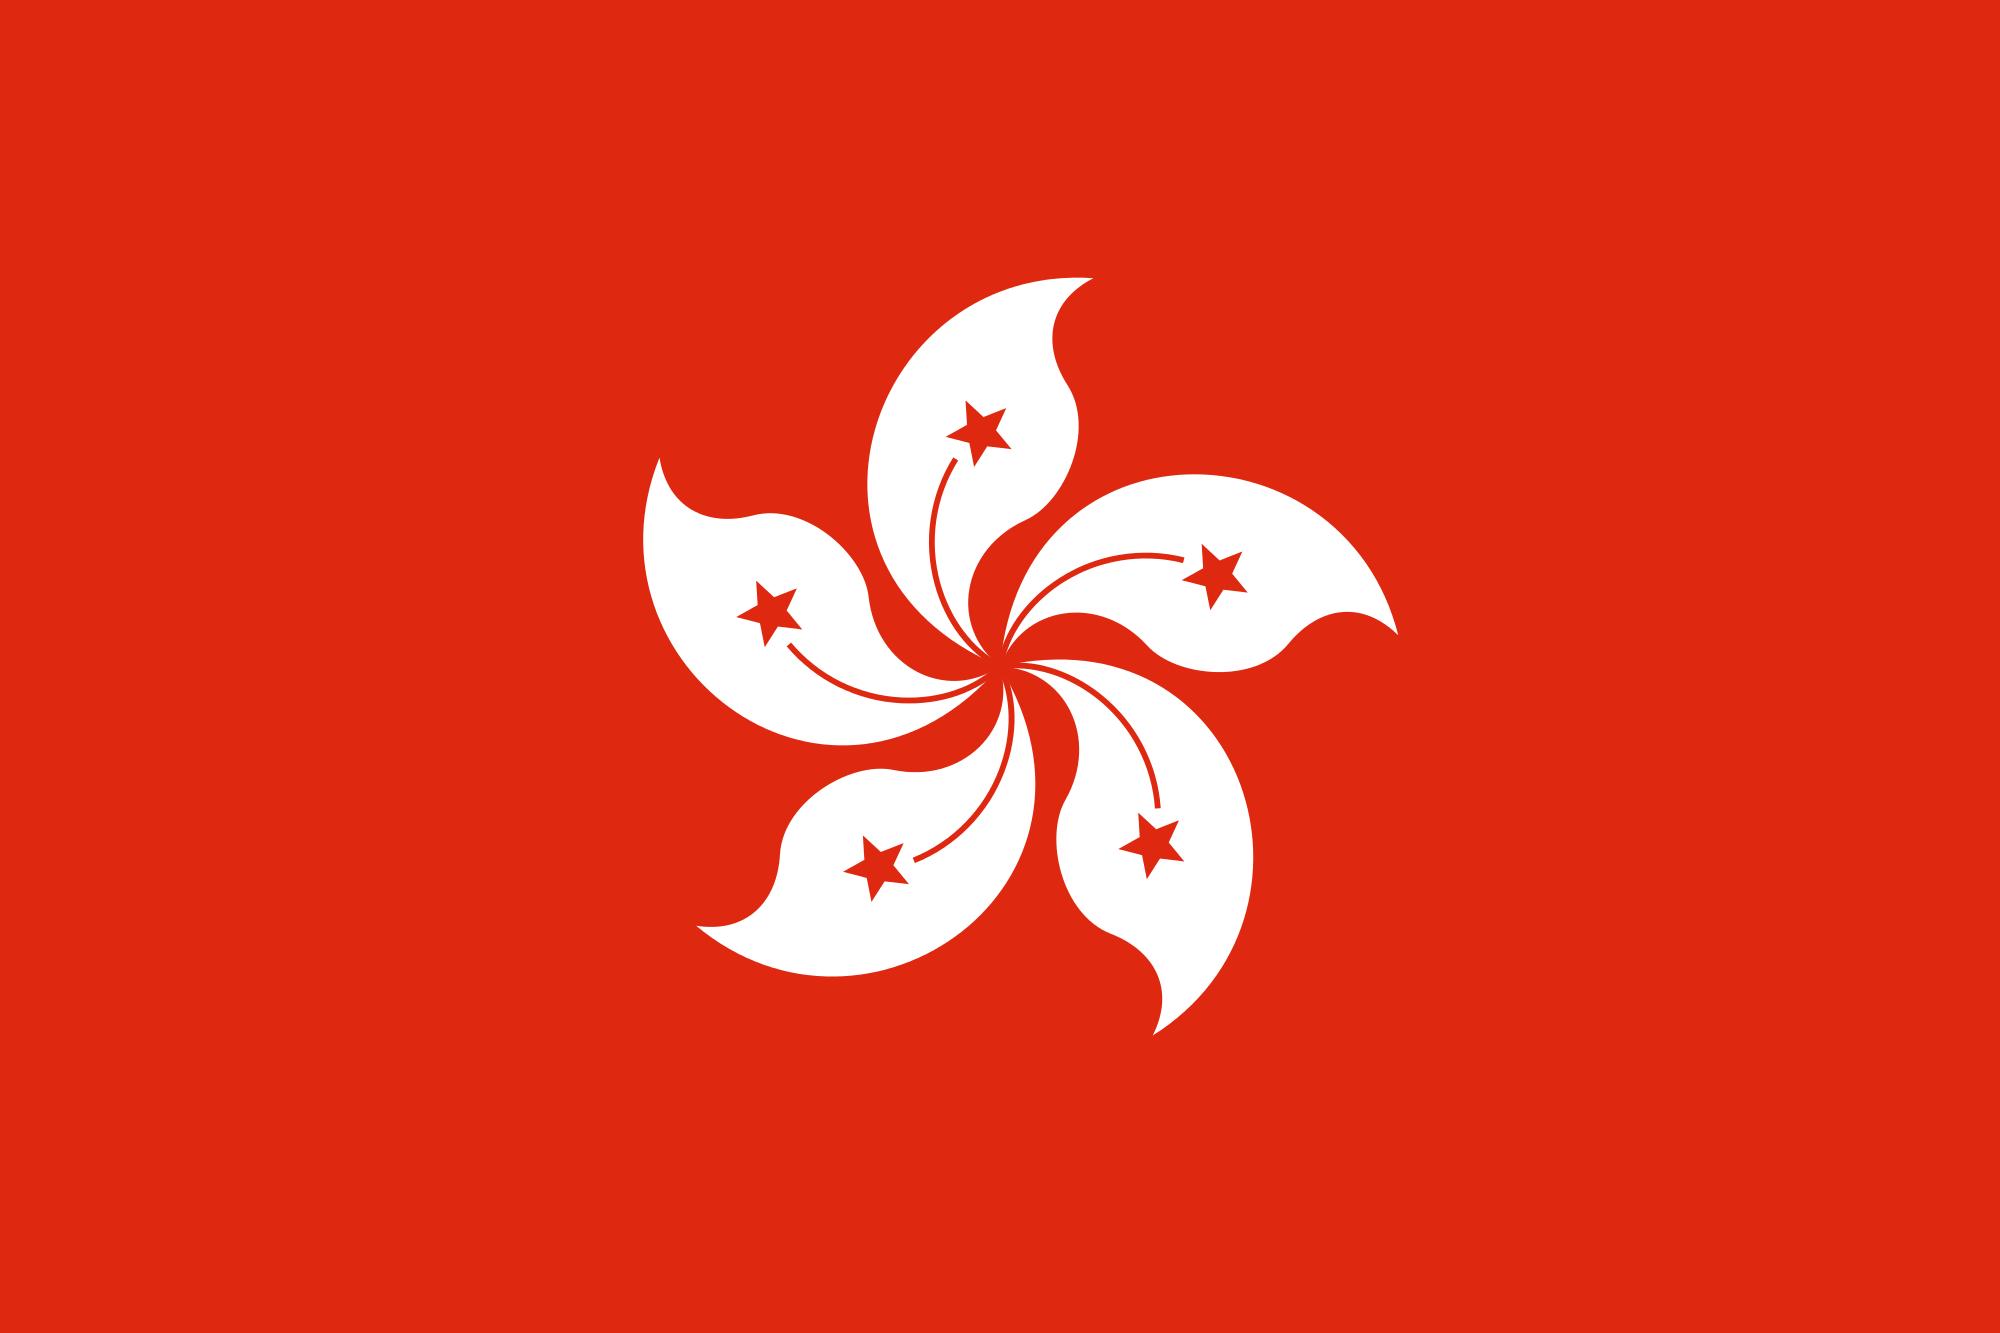 File:Flag of Hong Kong.svg.